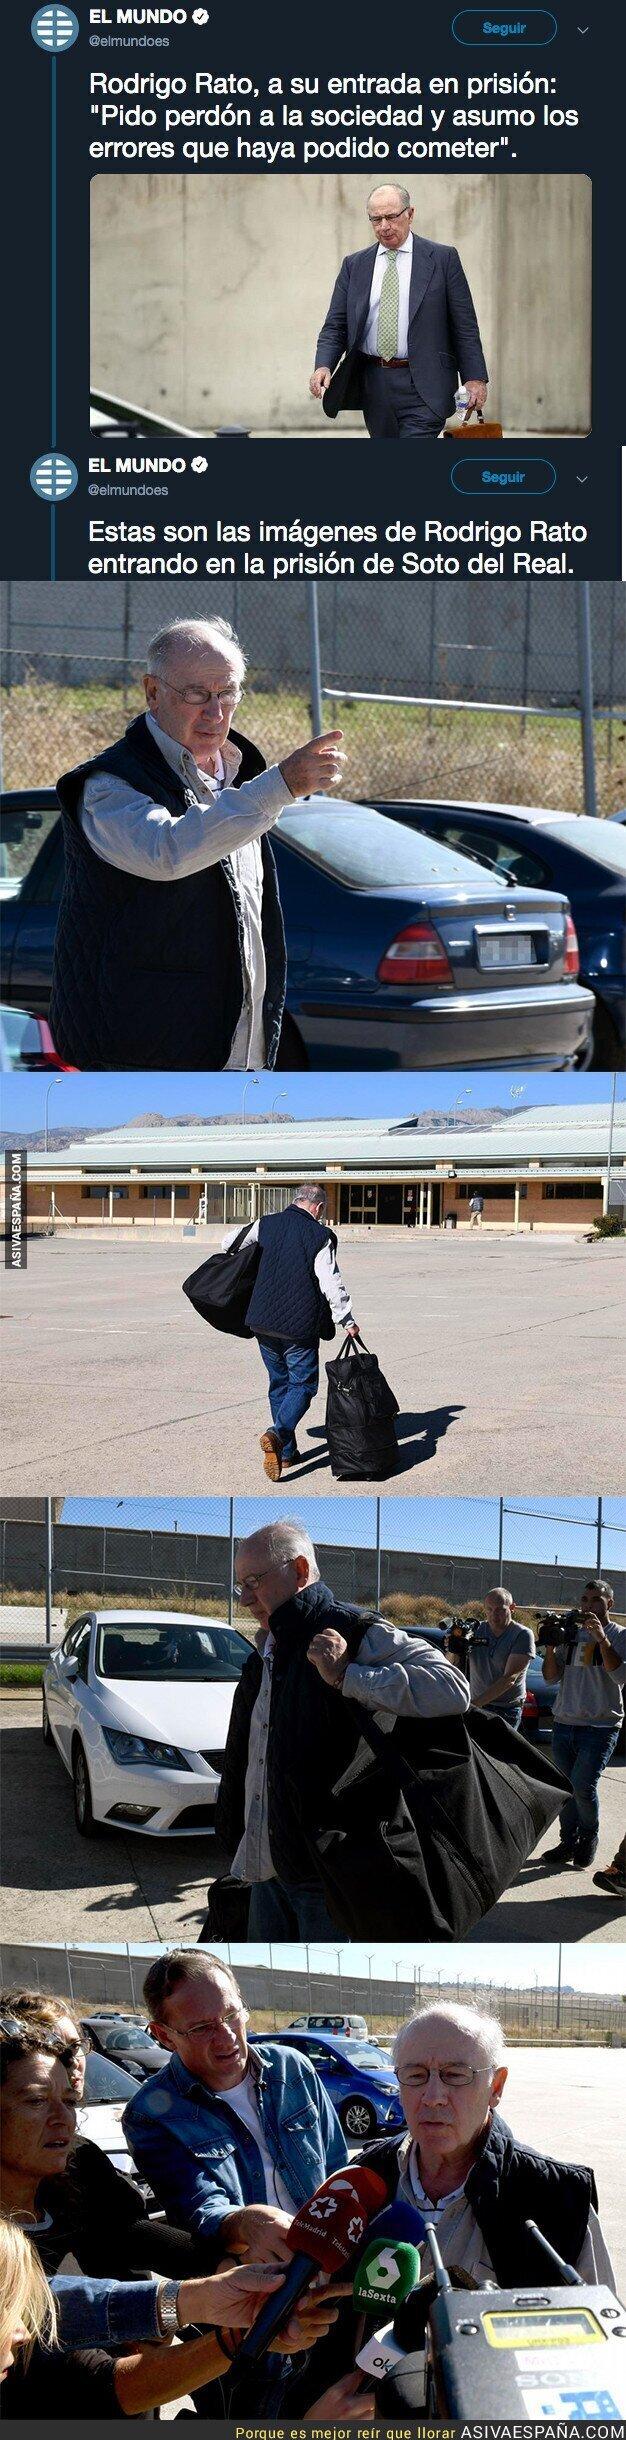 95946 - Las imágenes de Rodrigo Rato entrando a la prisión de Soto del Real